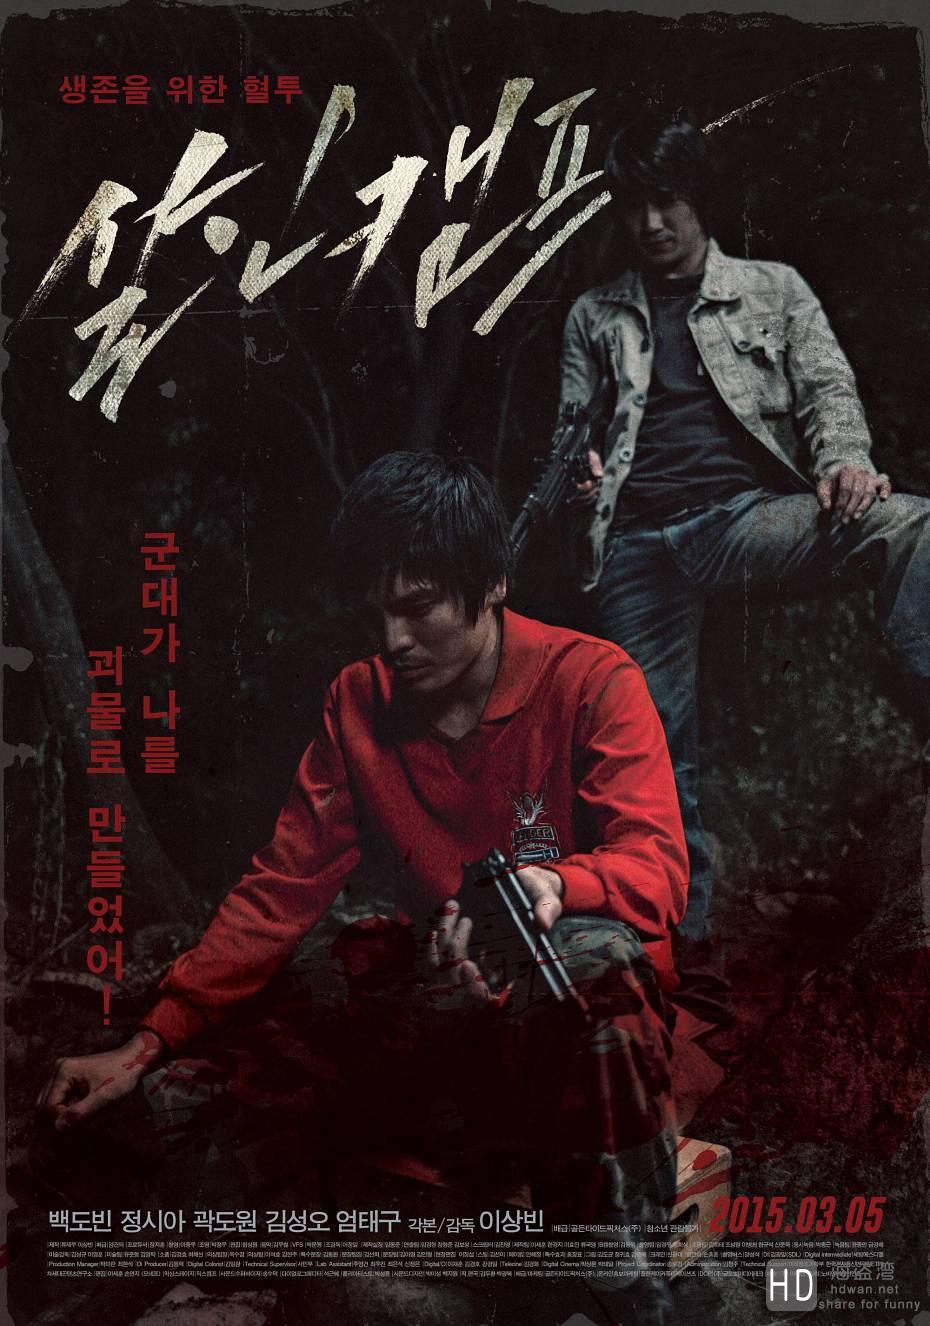 [2014][韩国][剧情][杀人营][720p-1.47GB/1080P-3.45GB][无字幕]